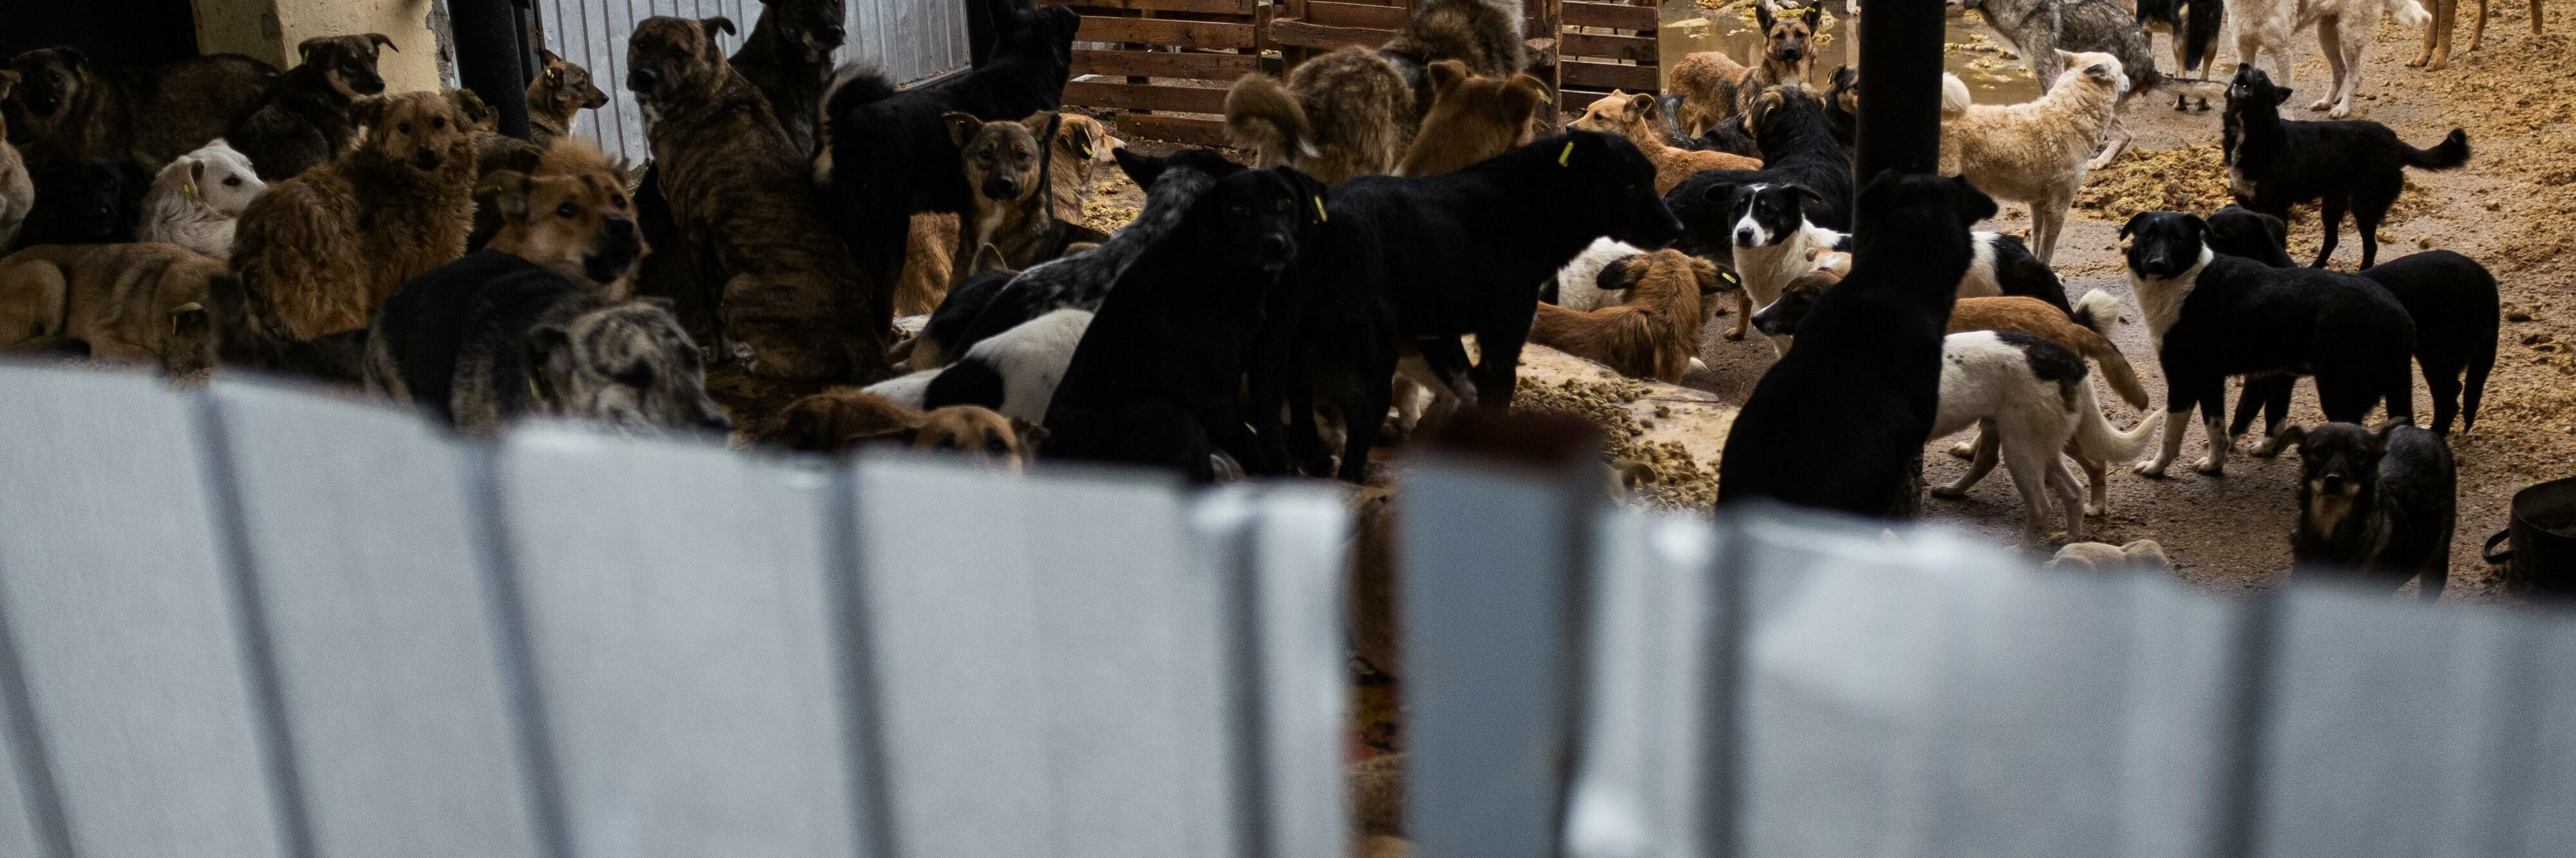 Dogs in shelter in Moldova